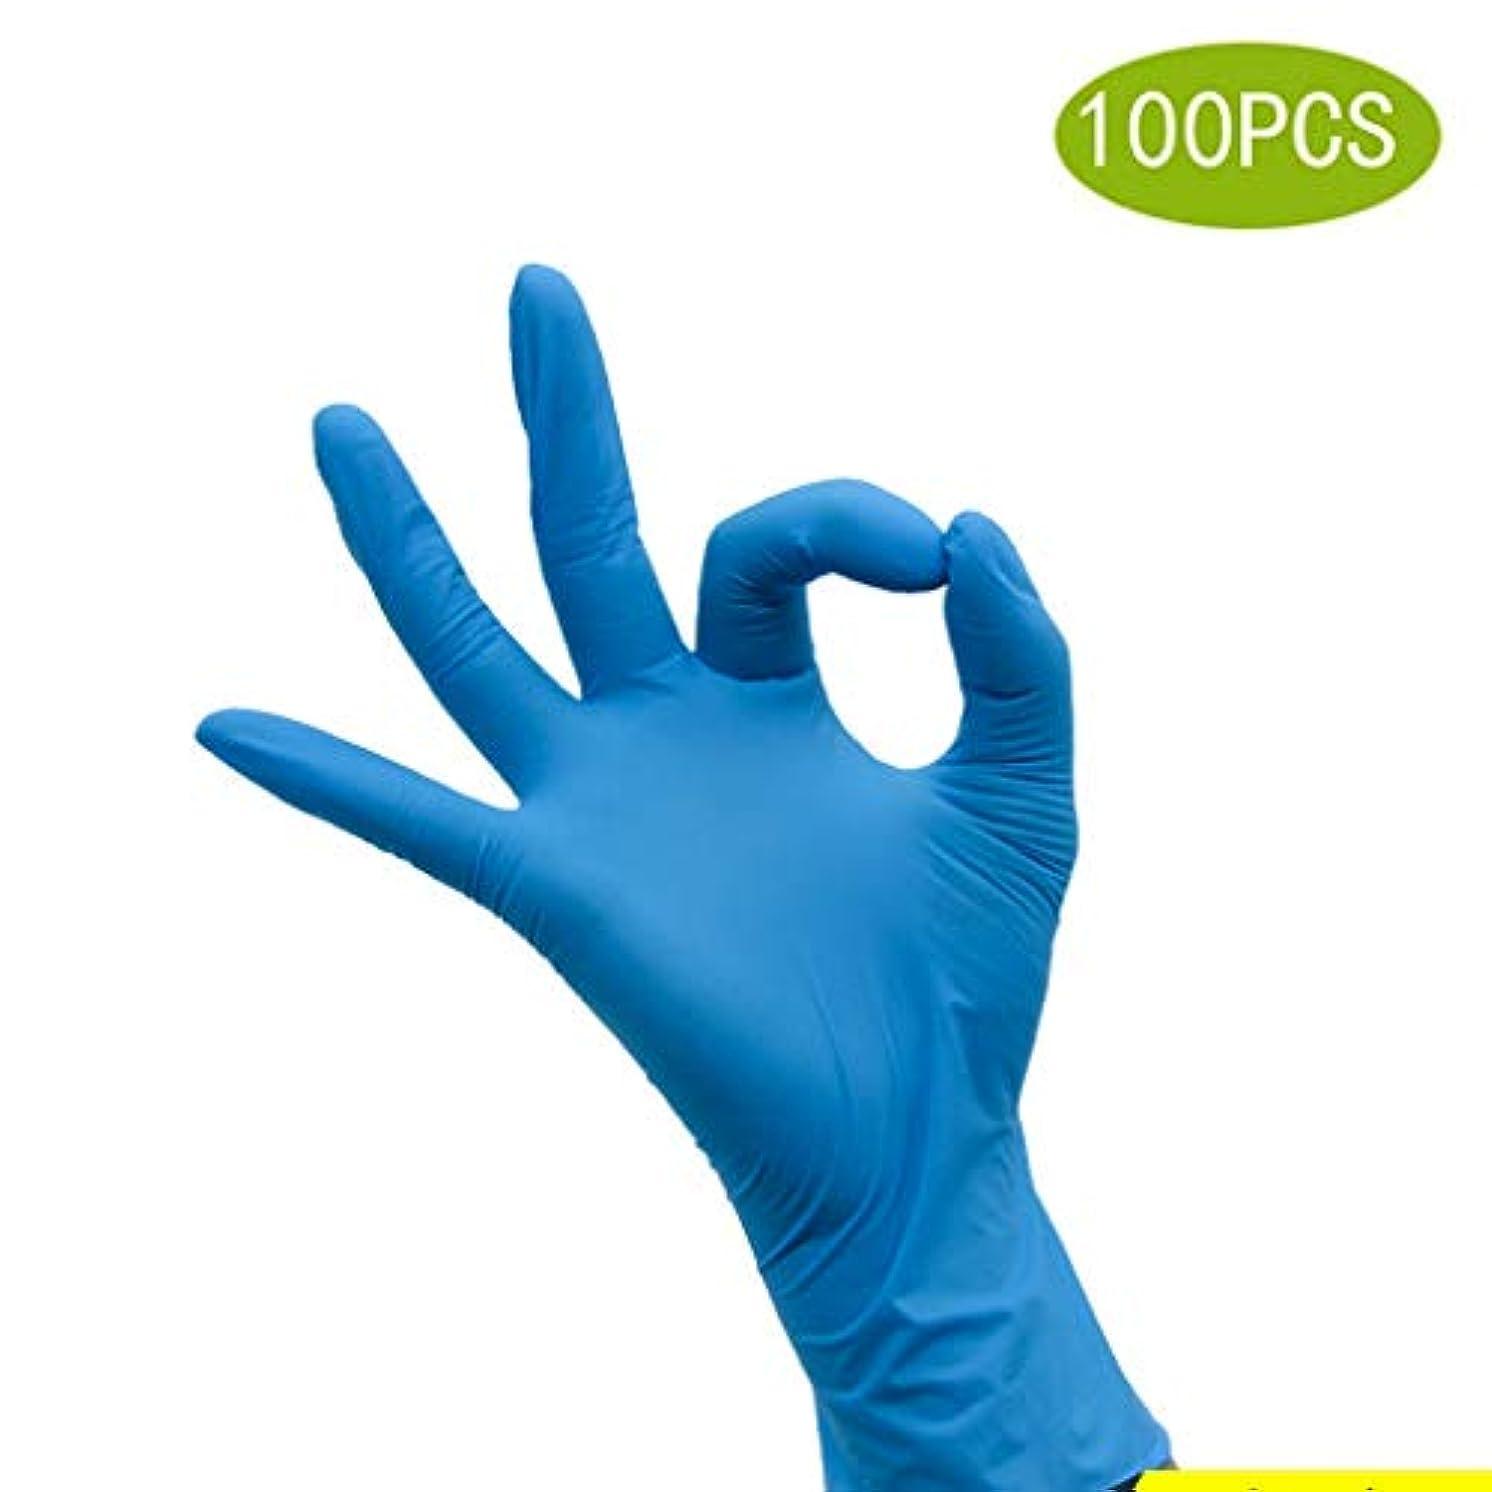 移民平らなアプローチ使い捨て手袋食品ケータリング手術丁清ゴムラテックススキンキッチン厚い試験ケータリング美容実験、使い捨て手袋ディスペンサー[100個] (Color : Blue, Size : L)